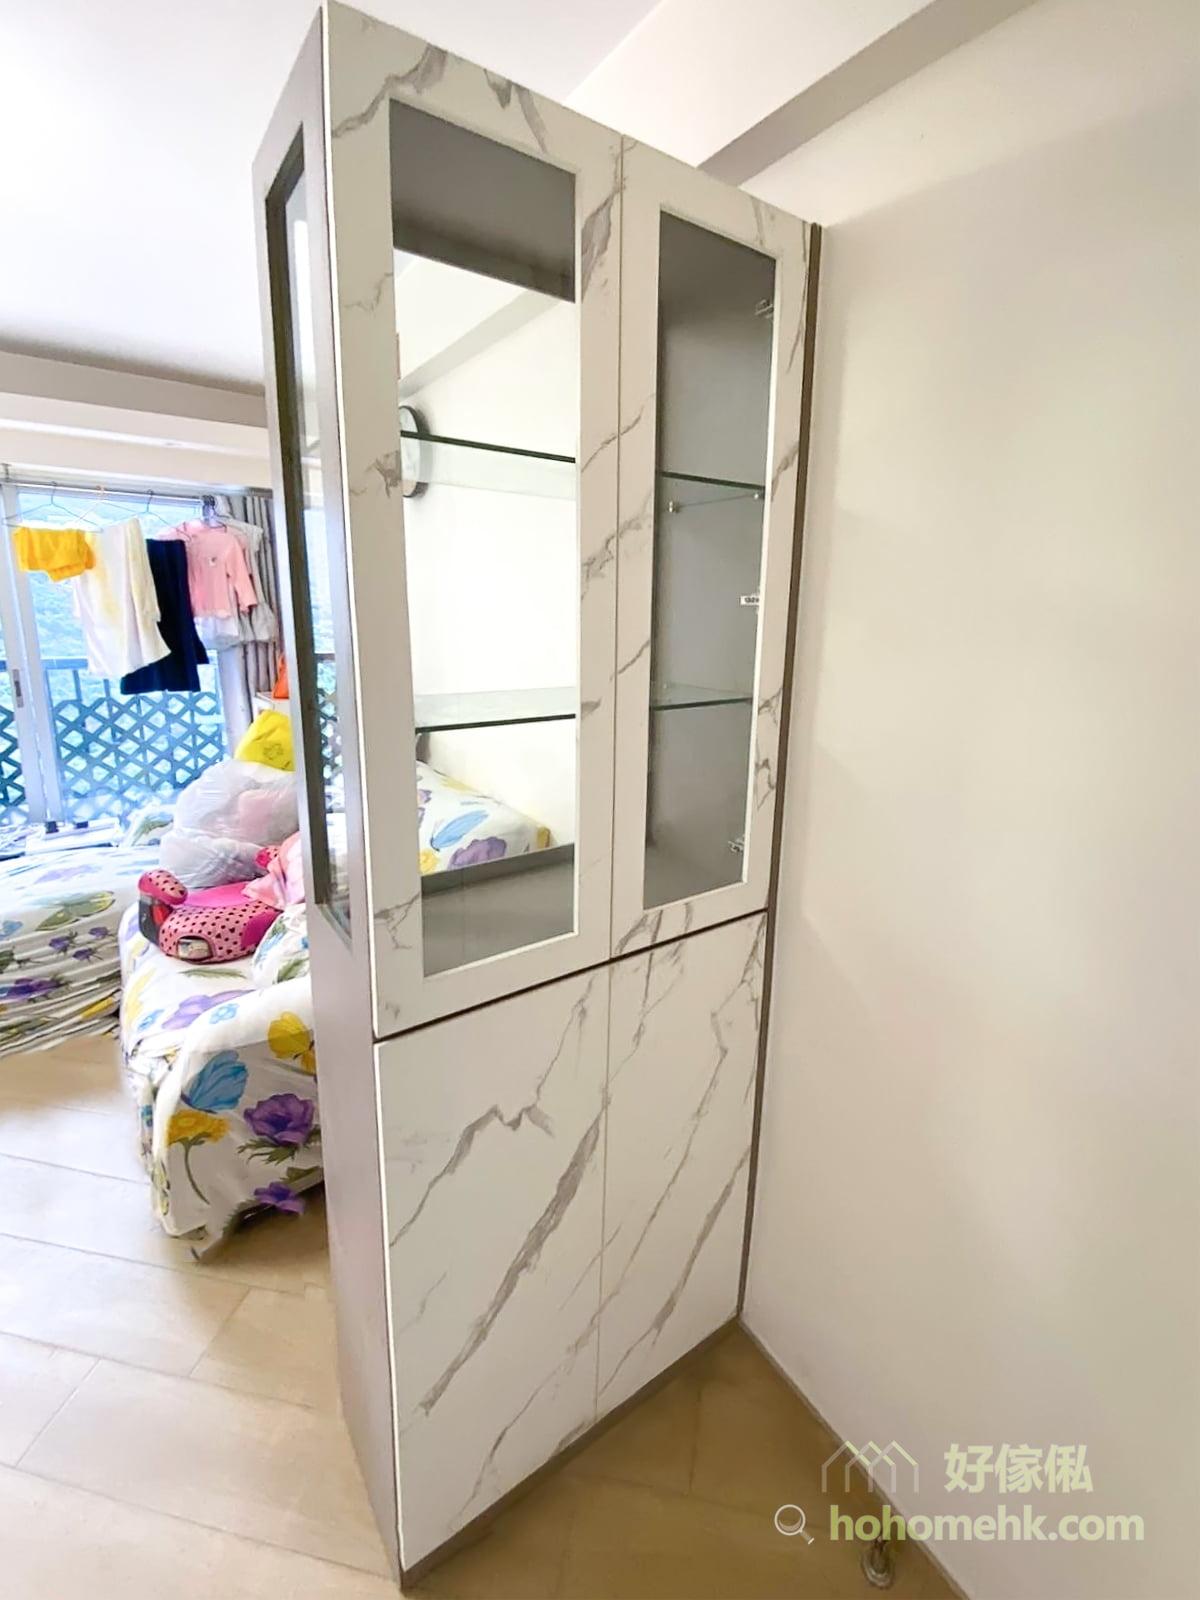 玻璃透光度高,雙面玻璃的設計,讓窗外的光線同樣可以灑到玄關區,不會一入門就感到黑漆漆。當飾品擺滿玻璃飾櫃後,便成了一道若隱若現的屏風,分隔開客廳和玄關的空間